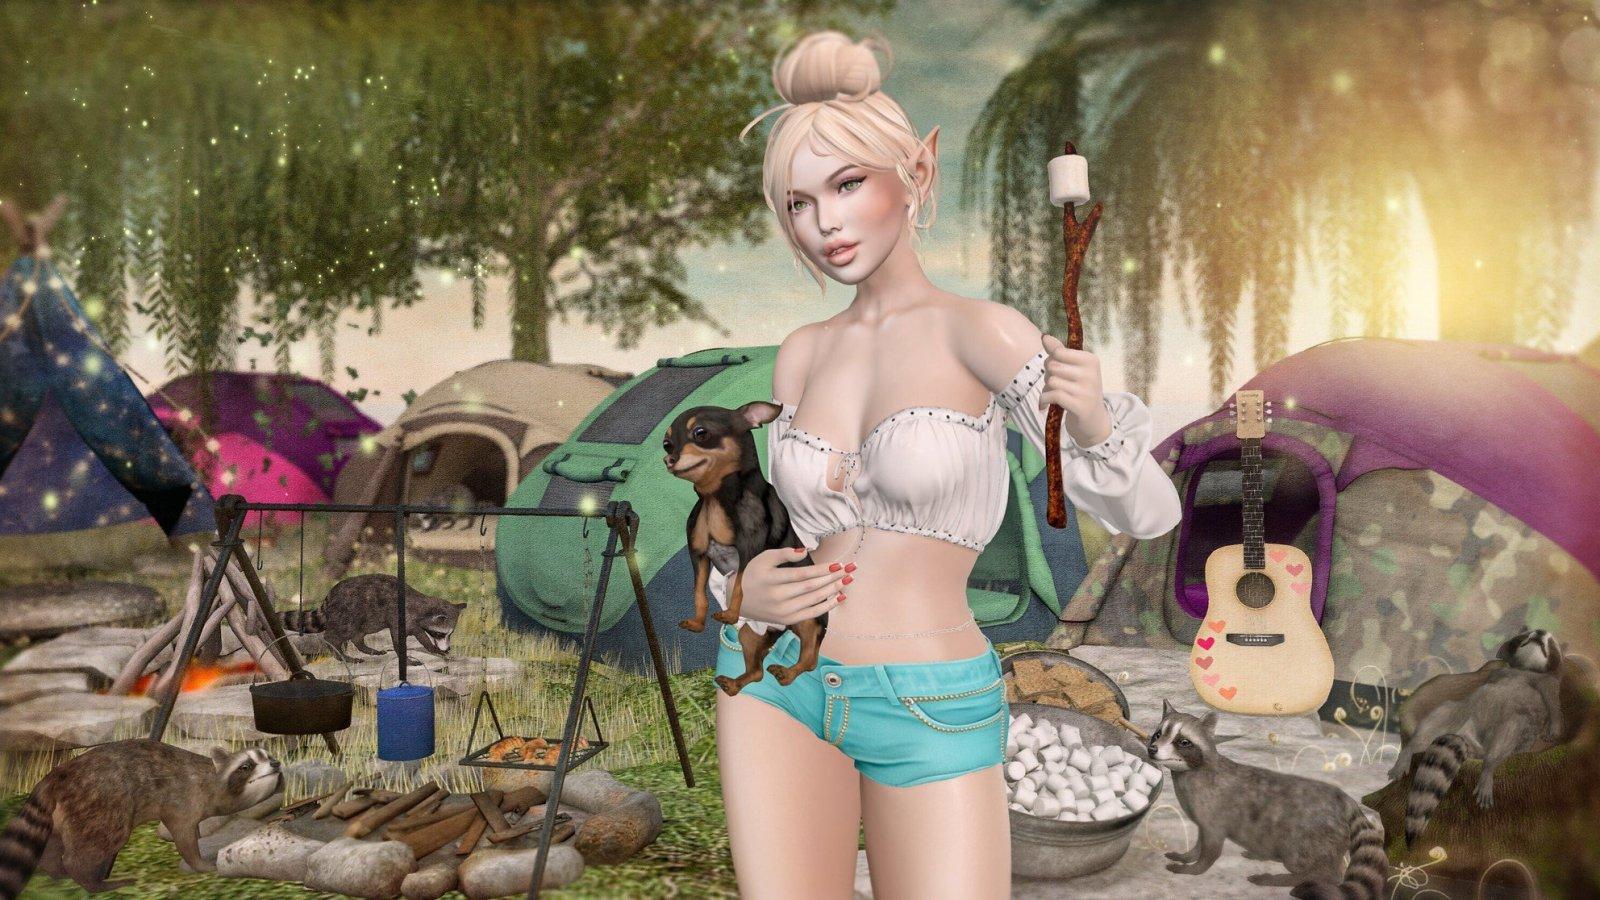 Mad Camping Skills